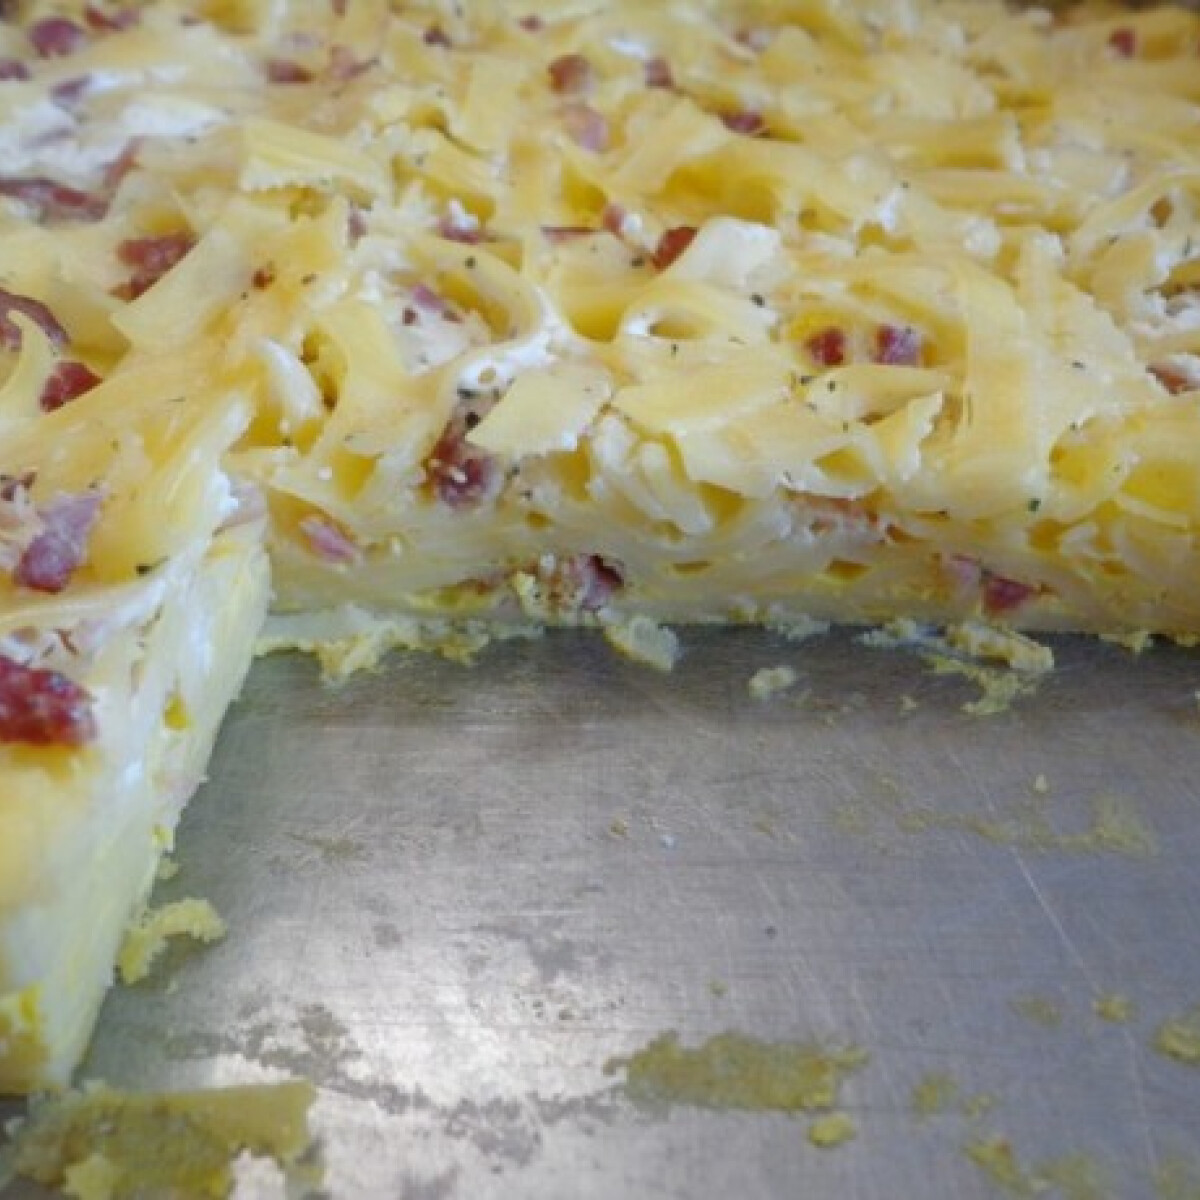 Sonkás tészta Margó konyhájából